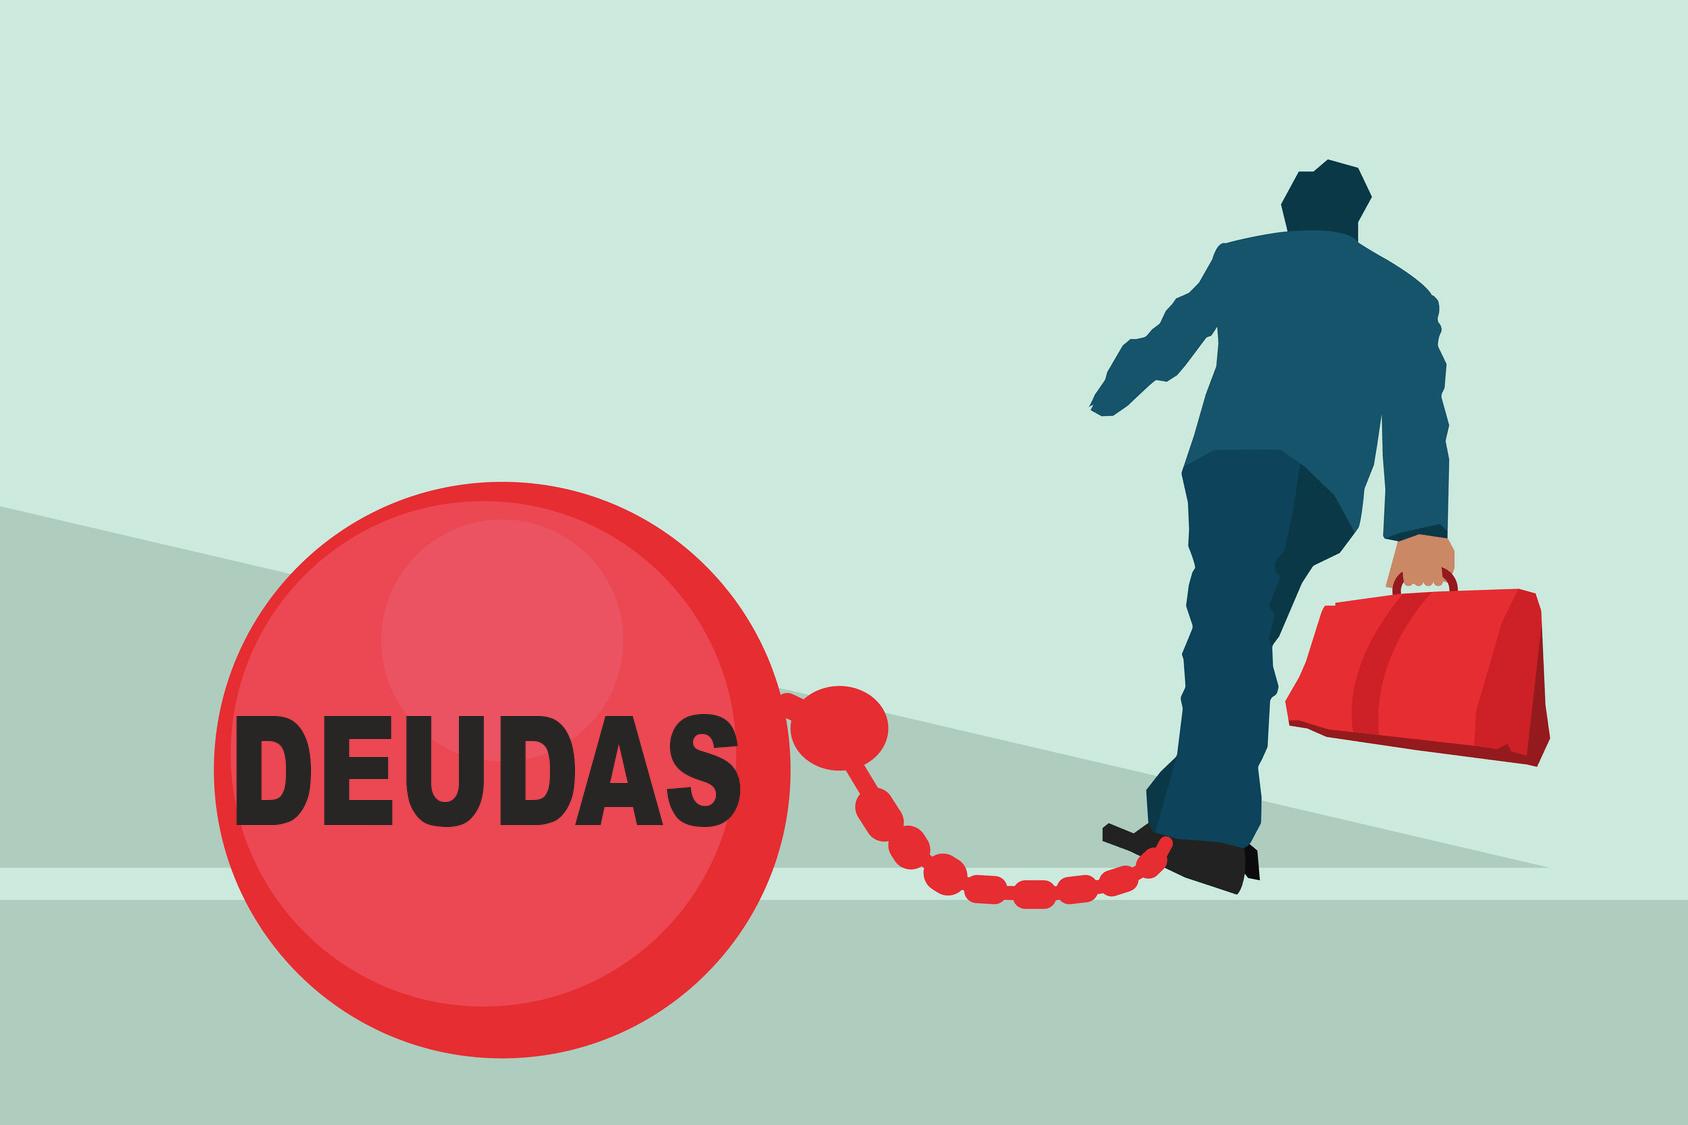 man is held down by deudas